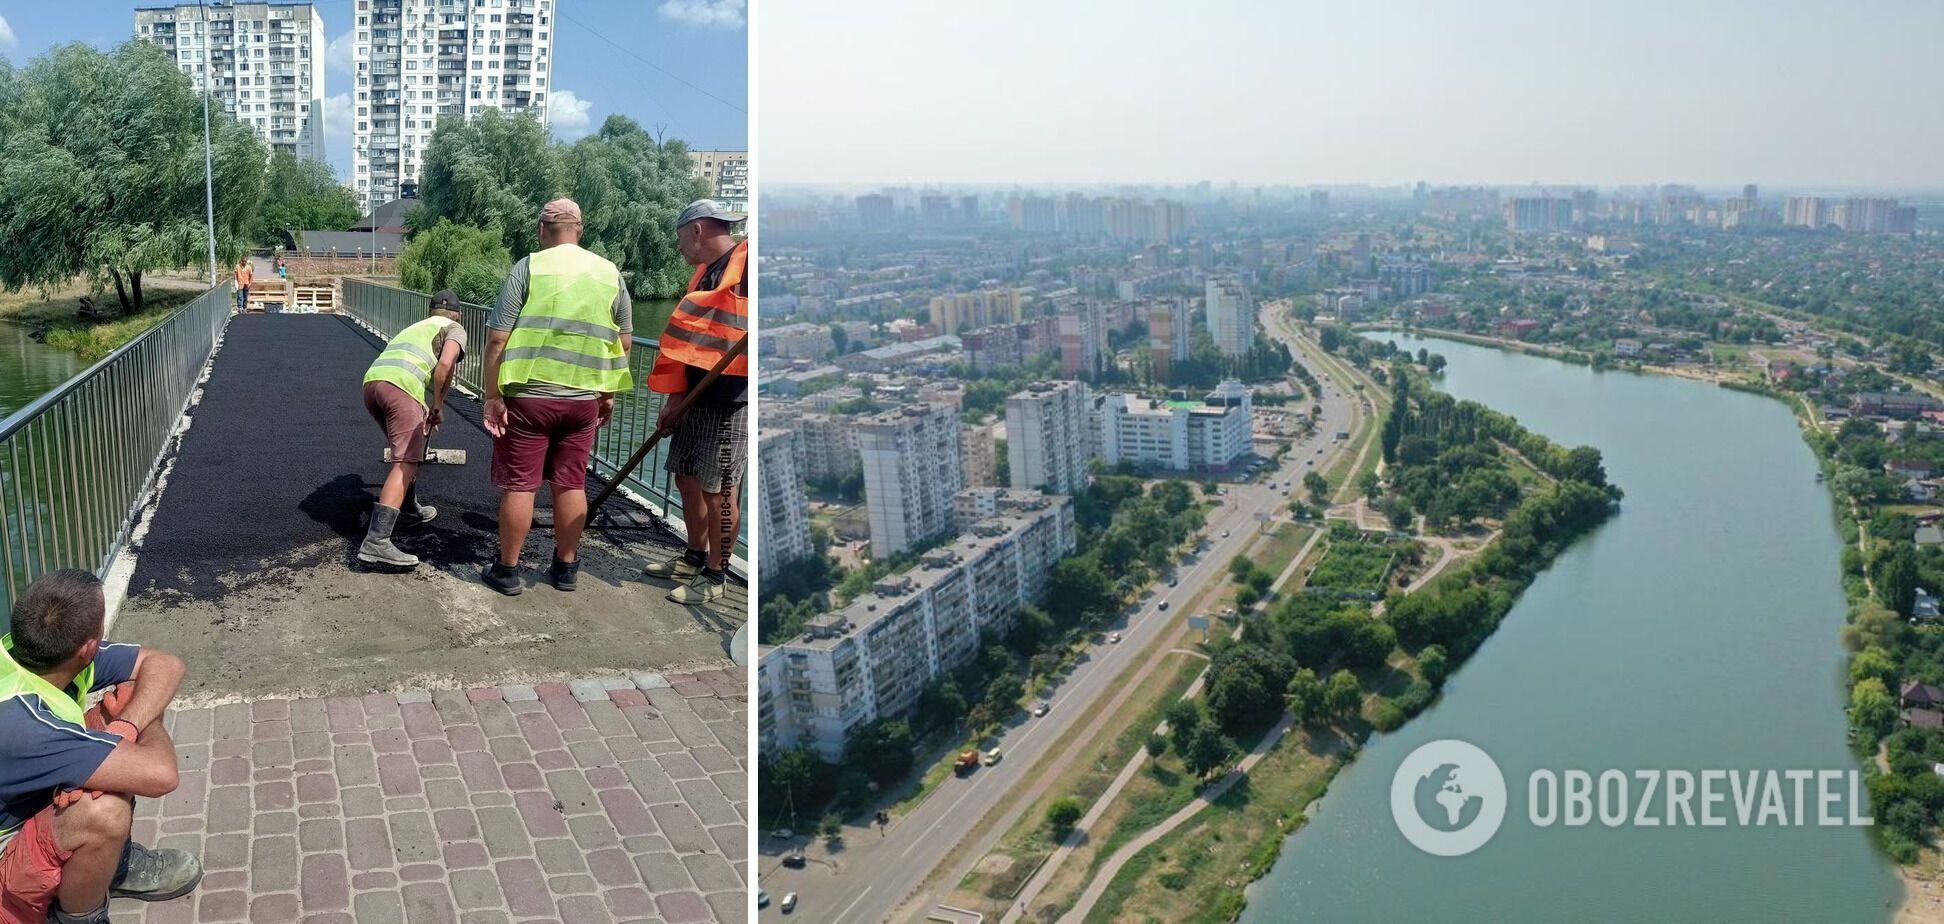 Кличко показал, как ремонтируют парк 'Радунка' в Киеве. Видео